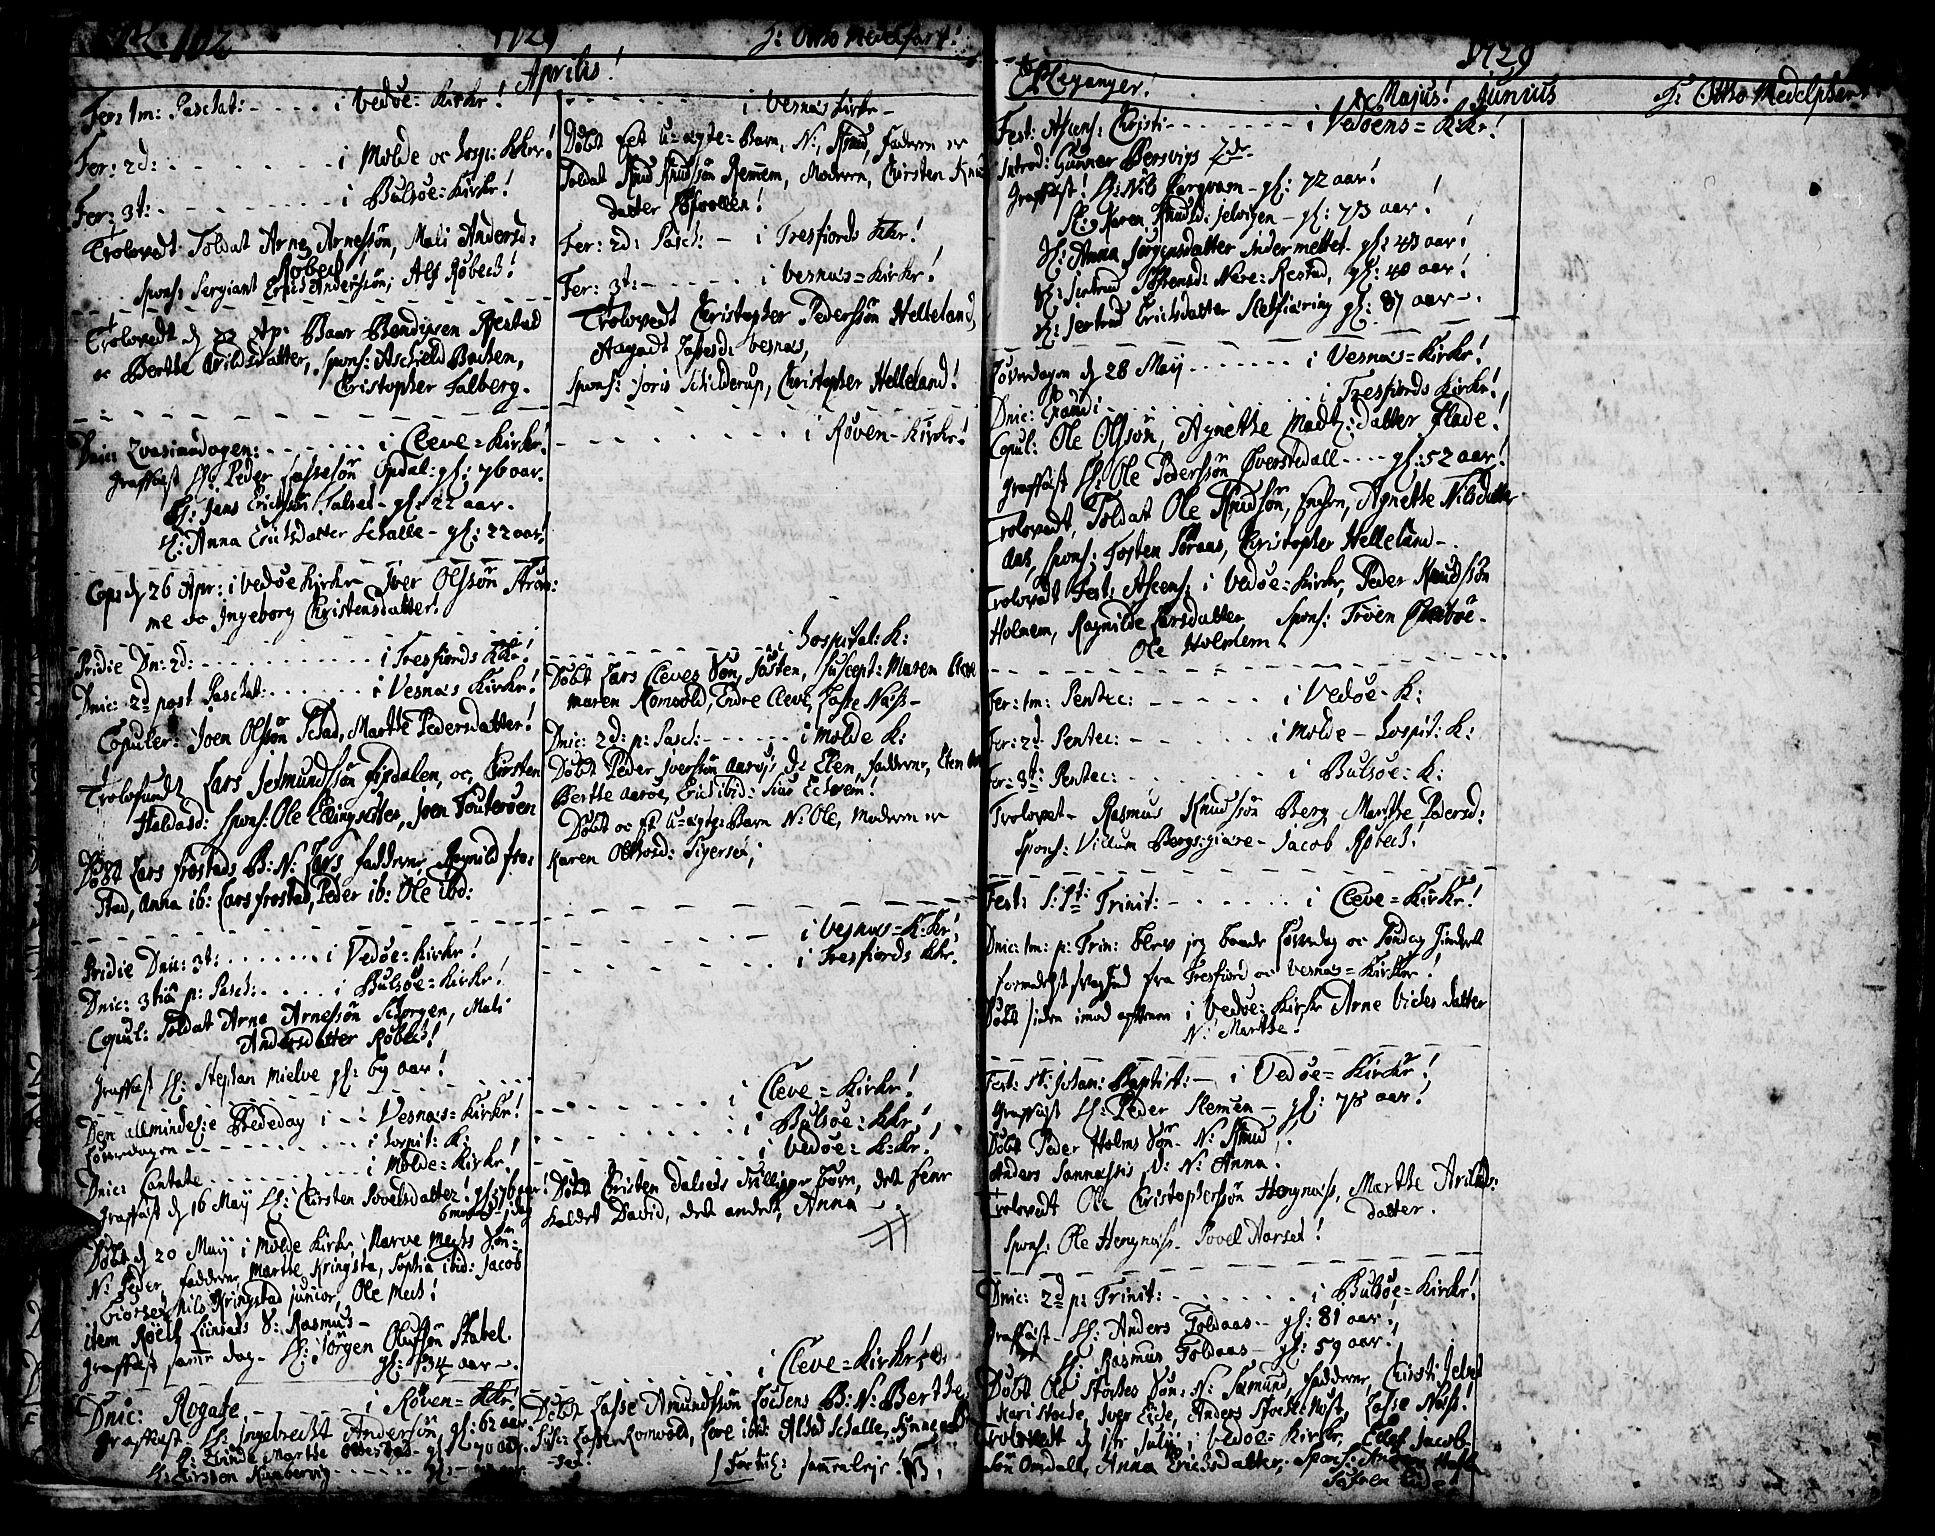 SAT, Ministerialprotokoller, klokkerbøker og fødselsregistre - Møre og Romsdal, 547/L0599: Ministerialbok nr. 547A01, 1721-1764, s. 104-105